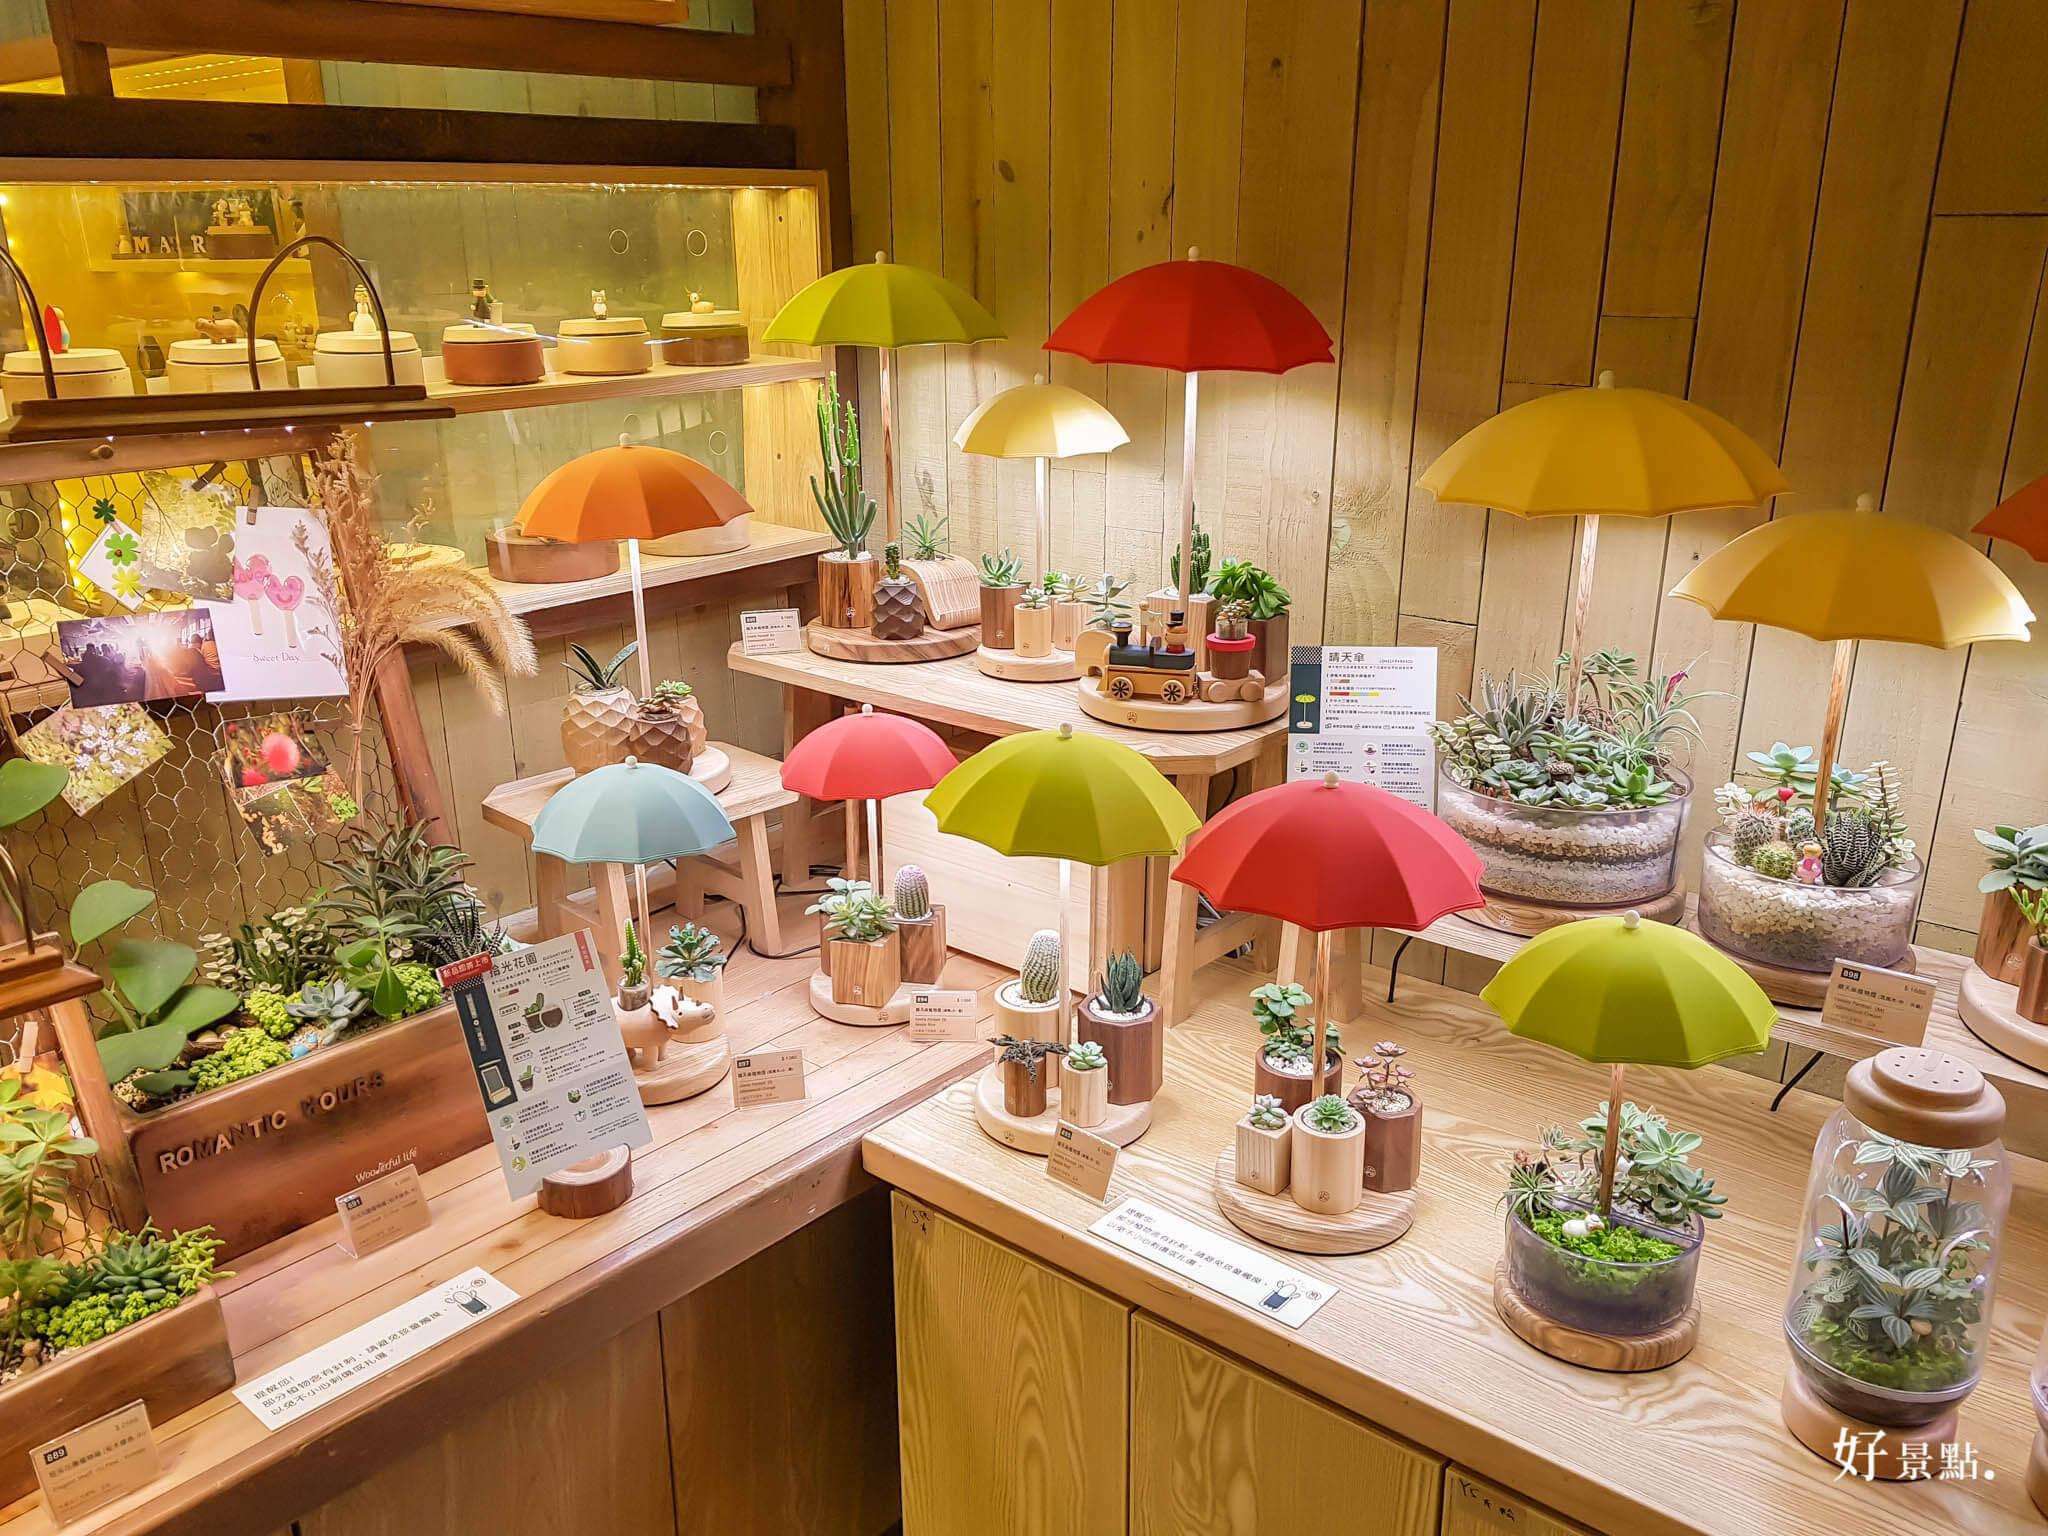 |台北。中正|Wooderful life 木育森林-華山店 親子寓教於樂好去處!